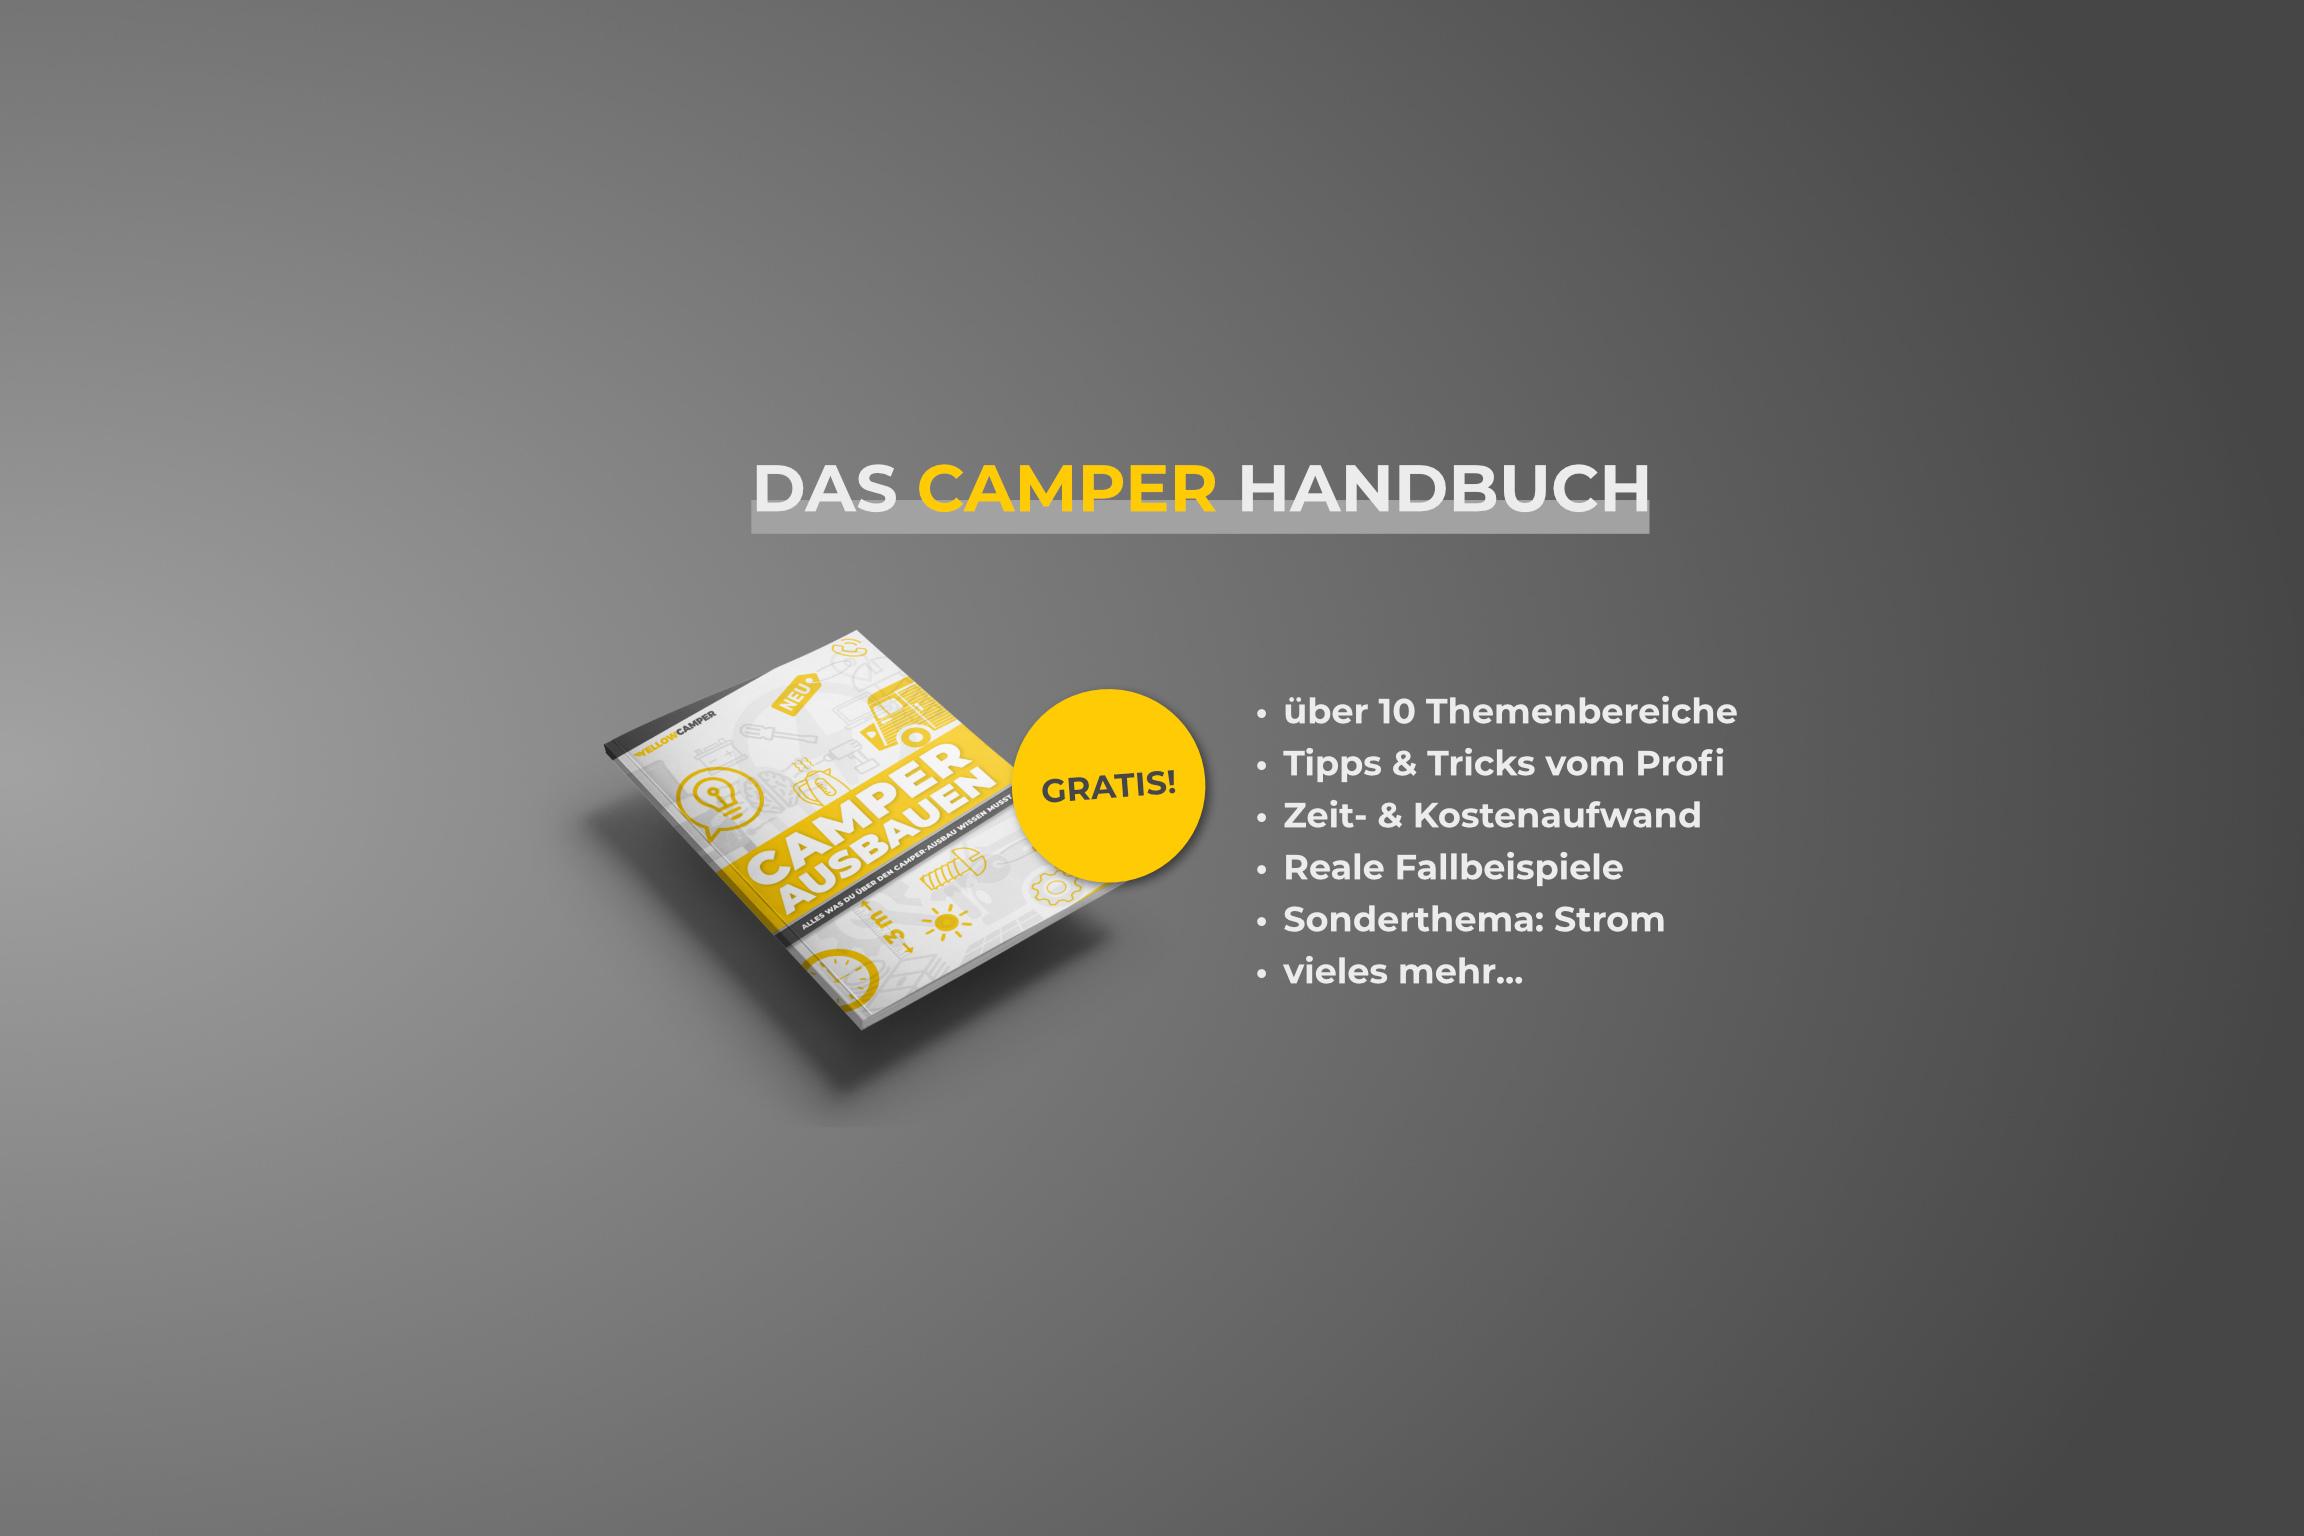 Das Camper Handbuch